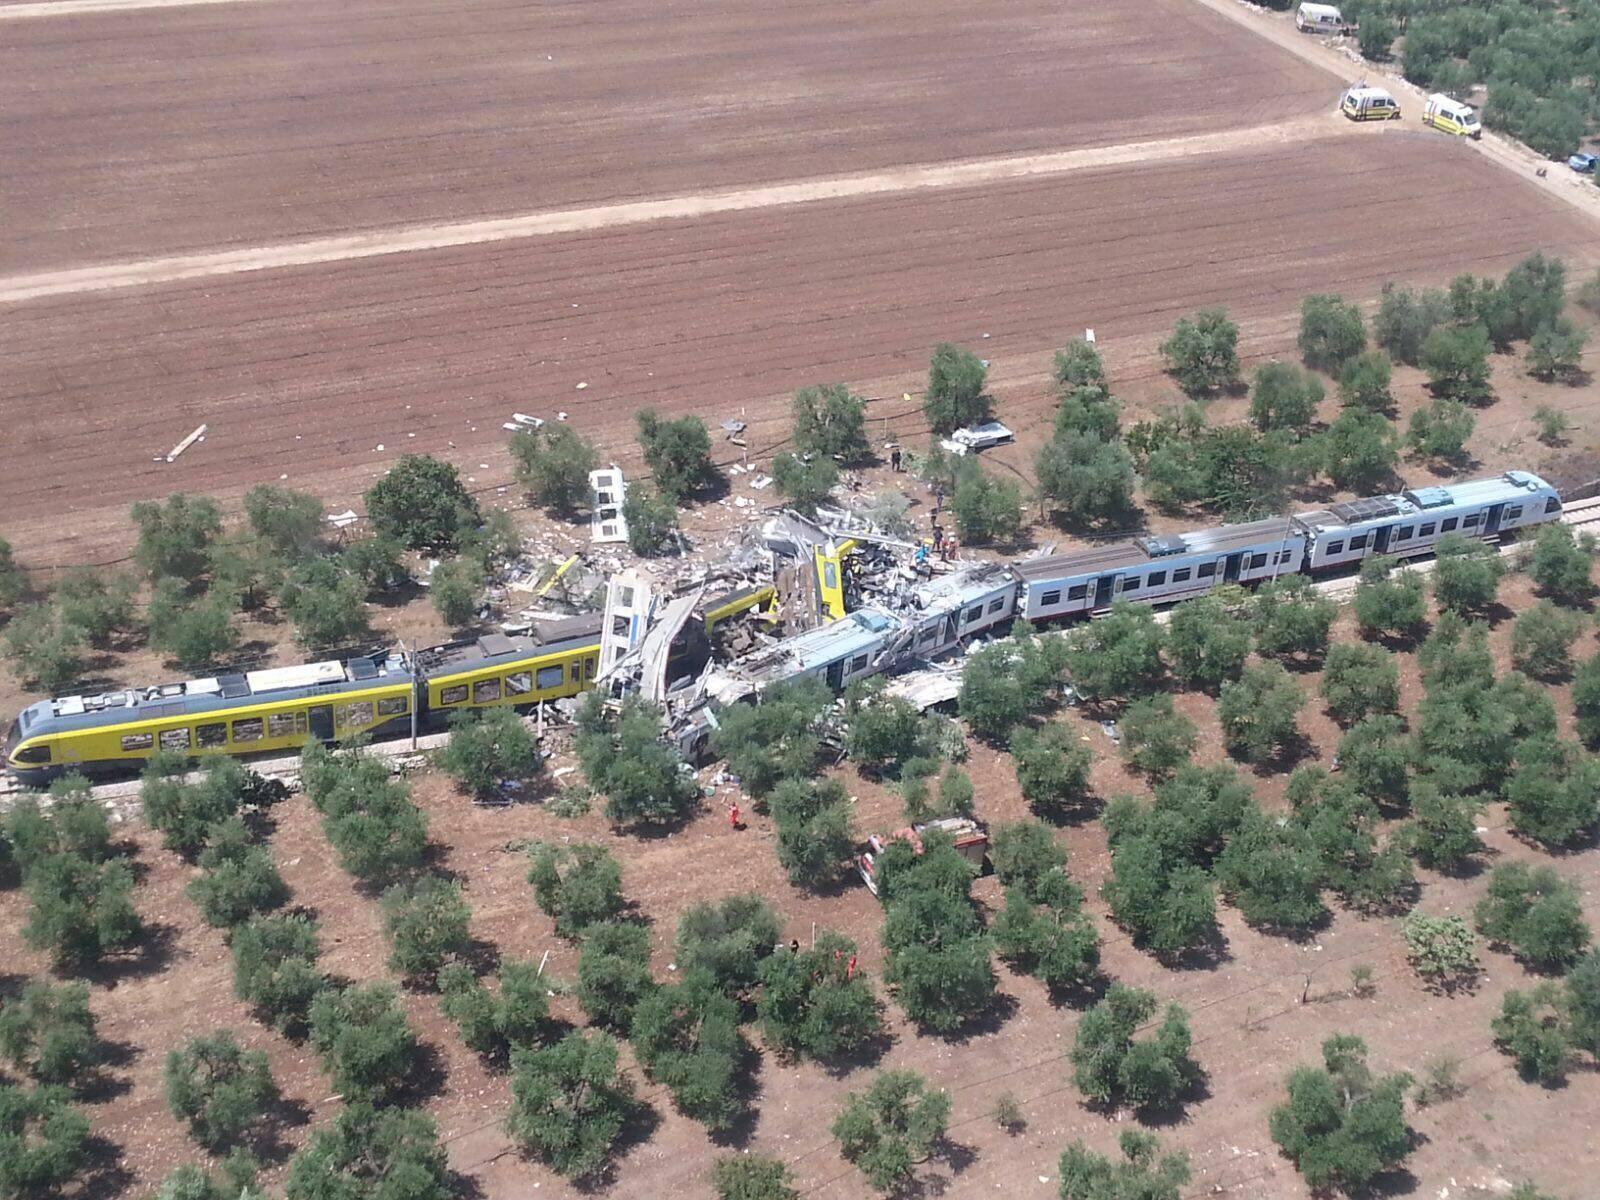 Scontro treni Corato –Andria, due soccorritrici prima raccontano la storia del ritrovamento di una mamma e di una figlia abbracciate poi dicono la verità